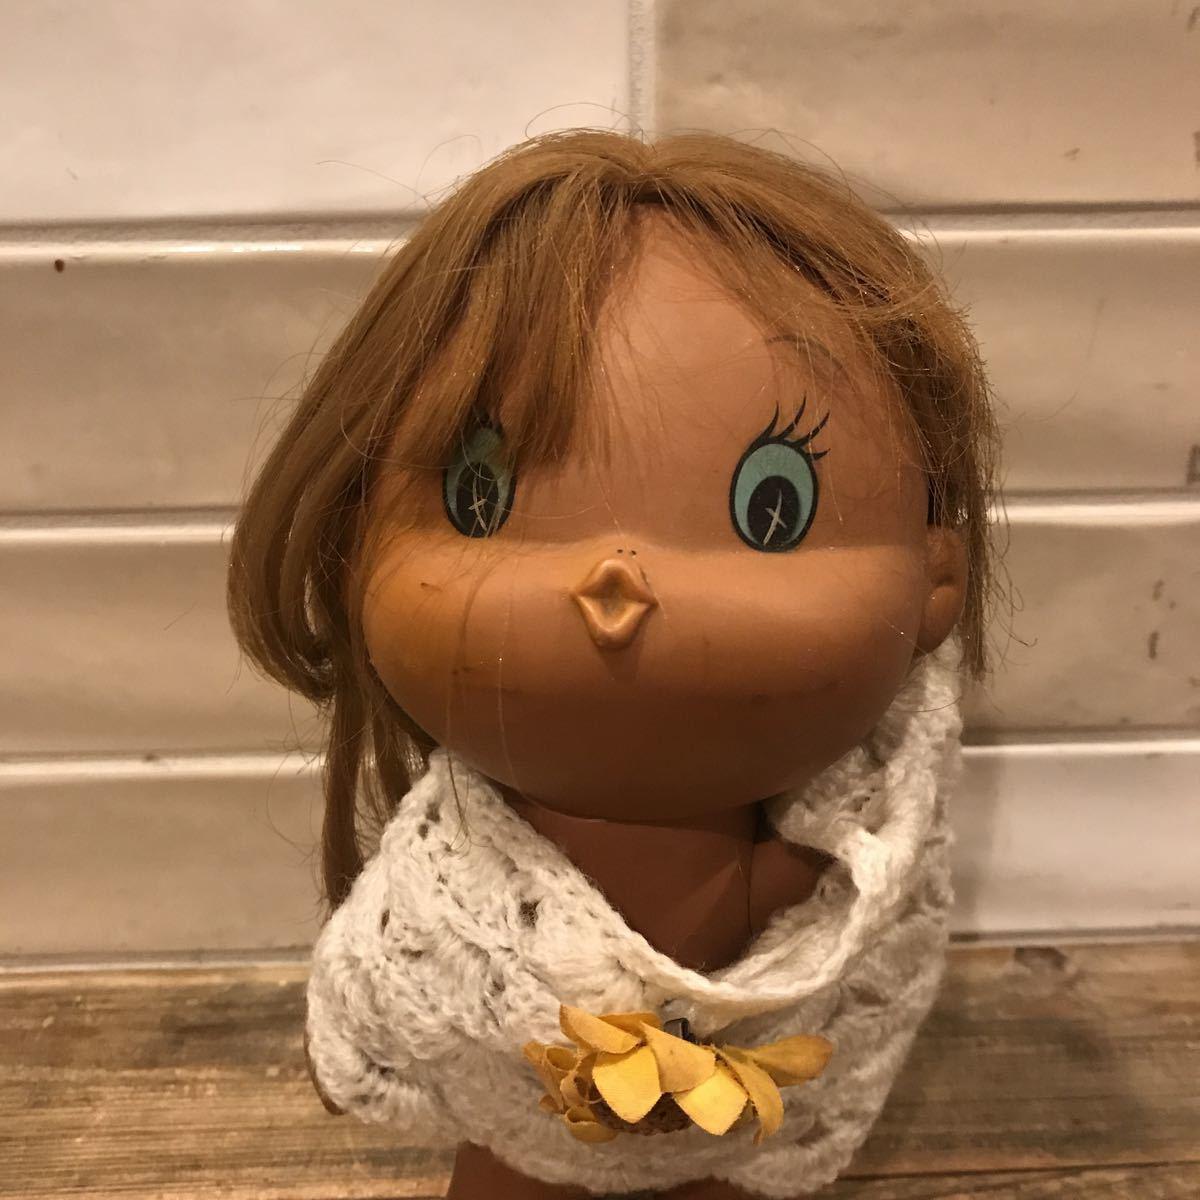 5245◎同梱不可 昭和レトロ ソフビ人形 28㎝ セキグチ? ホビー カルチャー コレクション 女の子 レア ヴィンテージ アンティーク